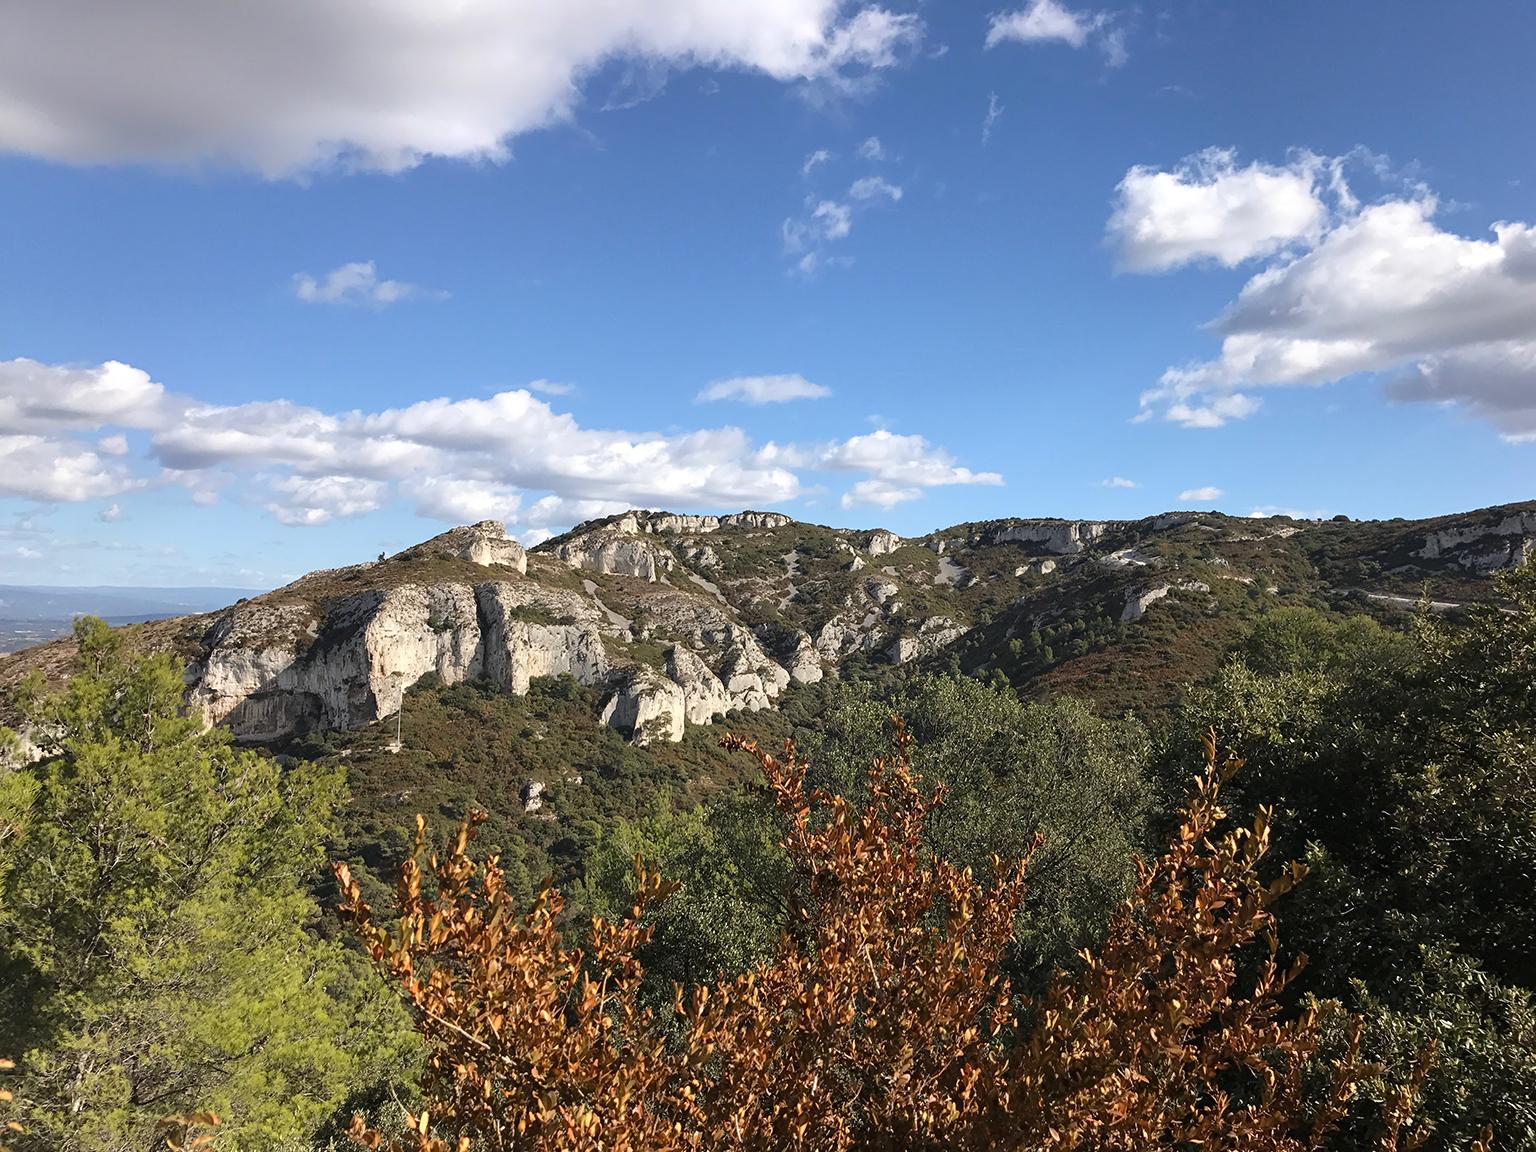 Marche en conscience au coeur du Parc Naturel Régional des Alpilles